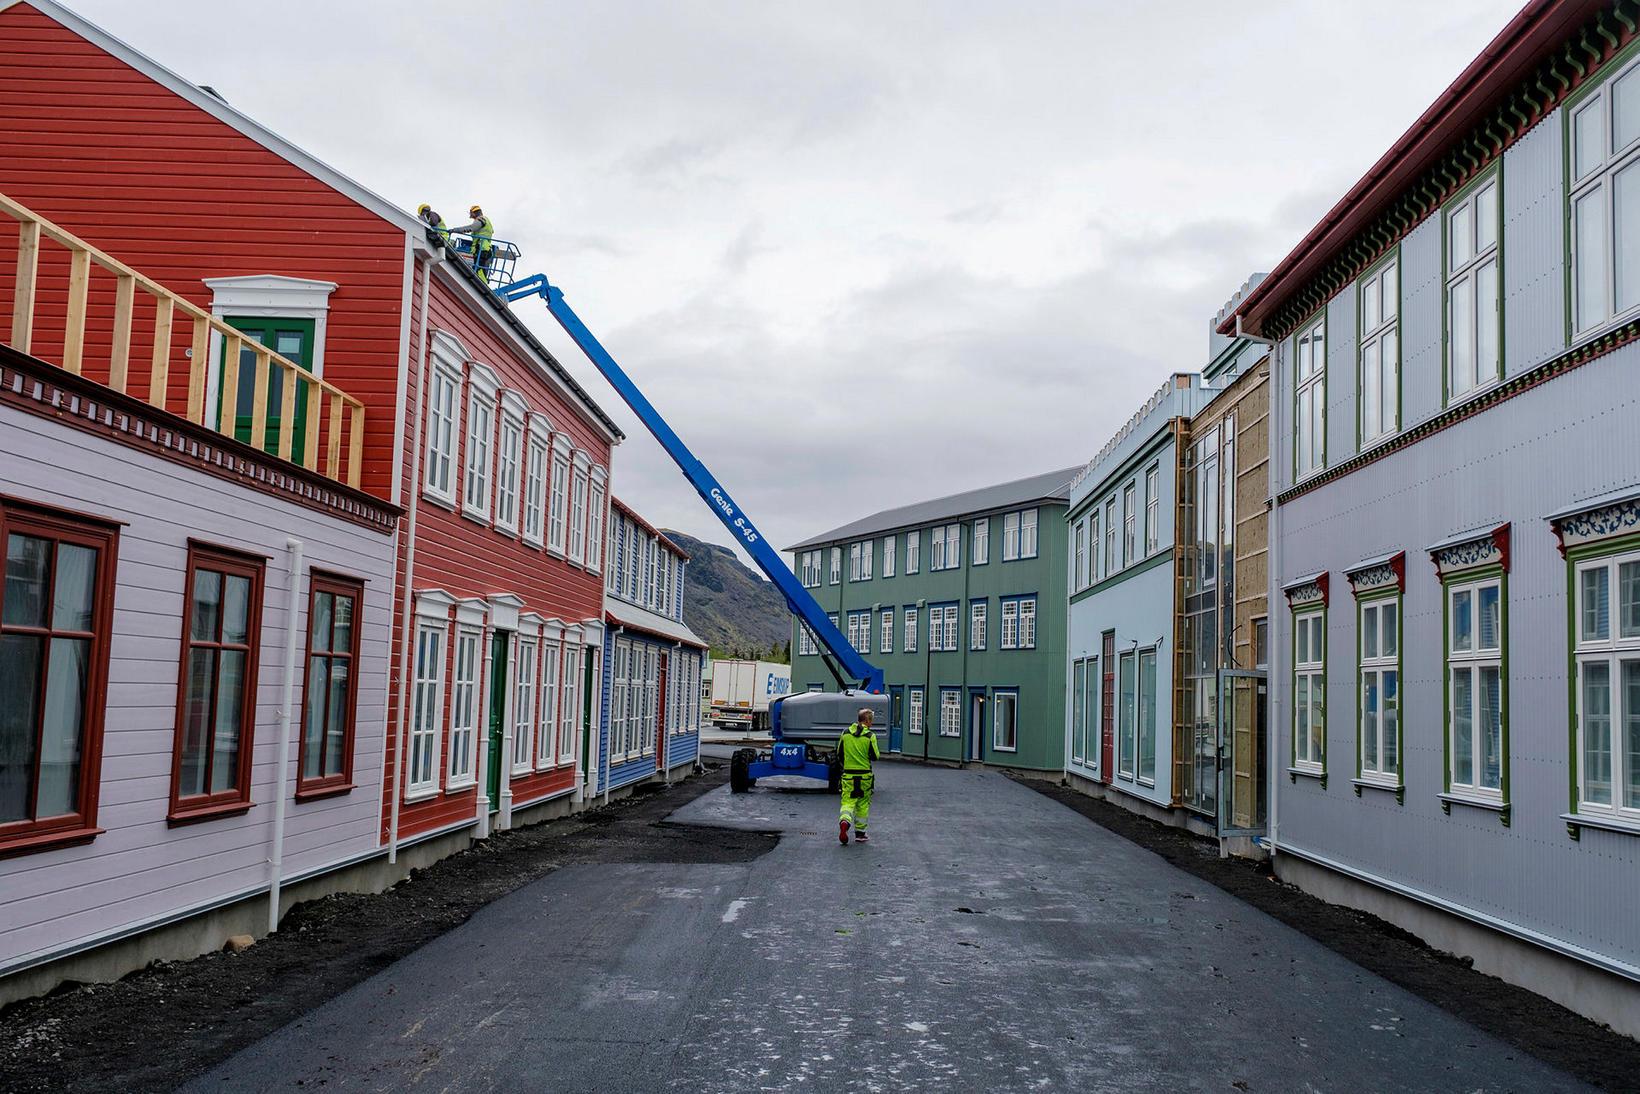 Þrettán íbúðir verða seldar á almennum markaði.